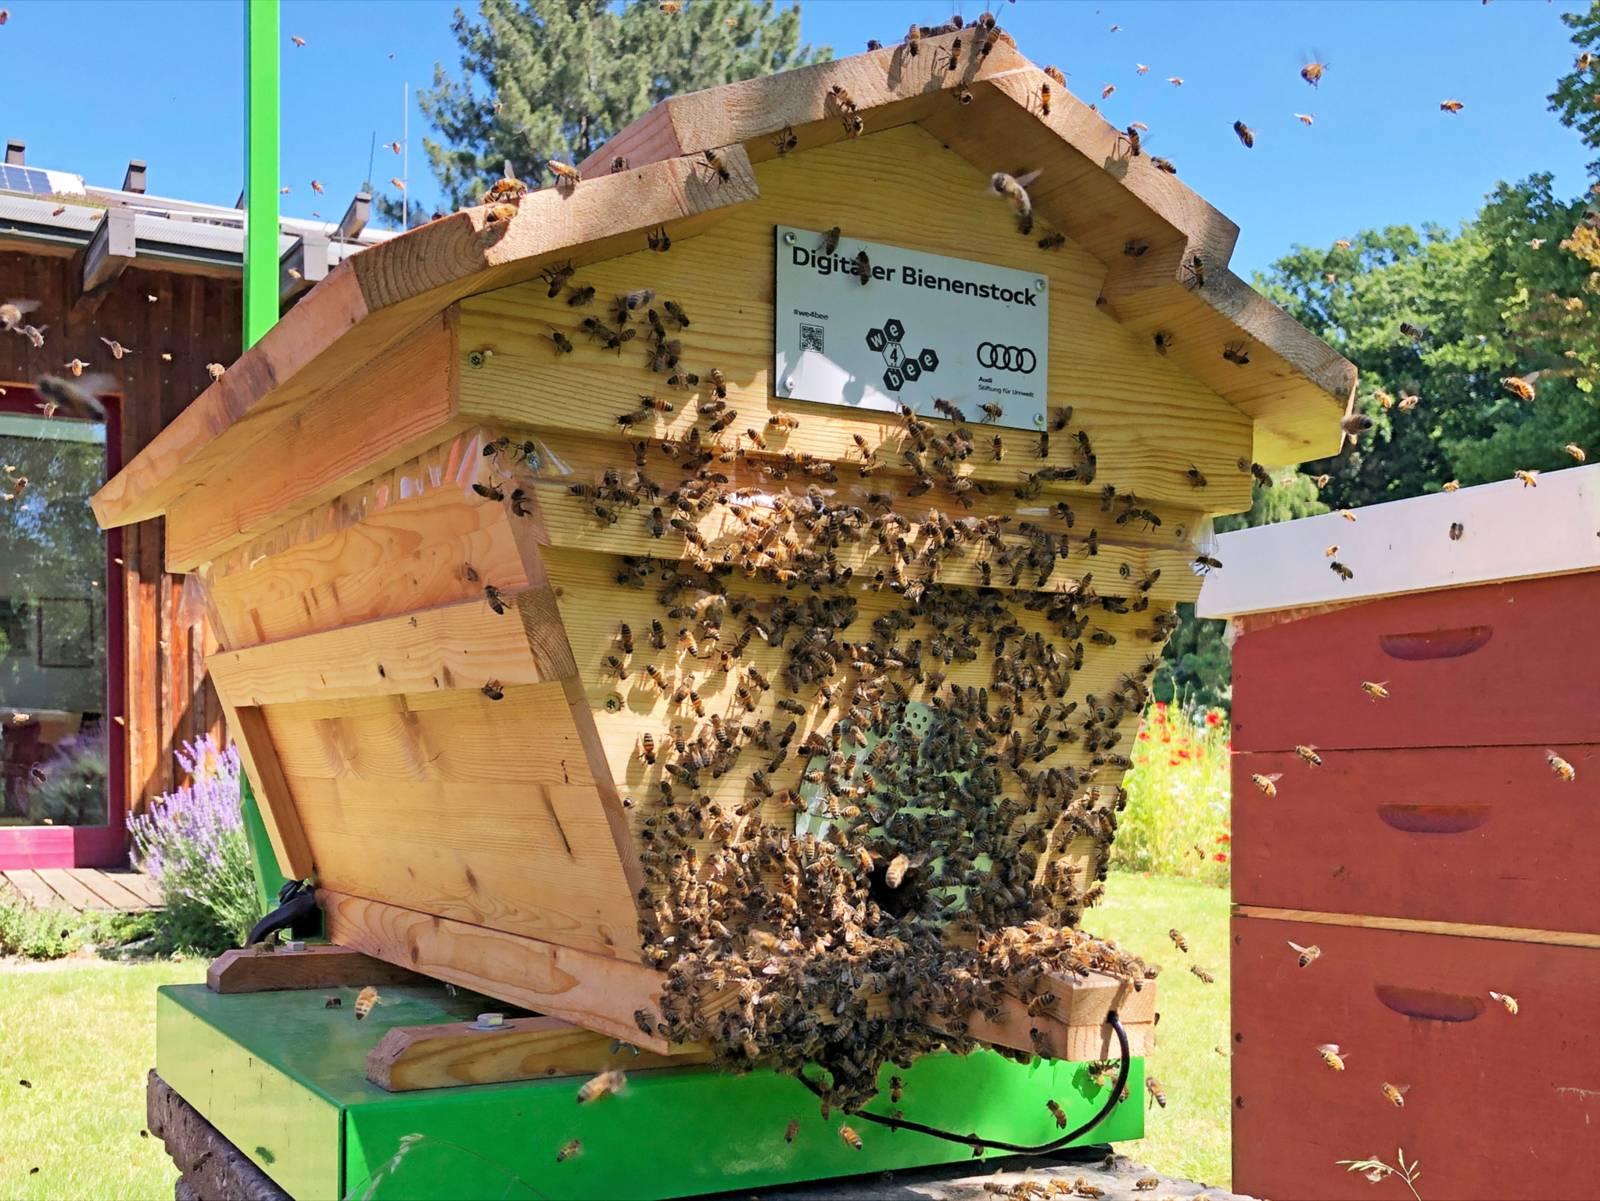 Ein Bienenstock, auf dem zahlreiche Bienen sitzen.